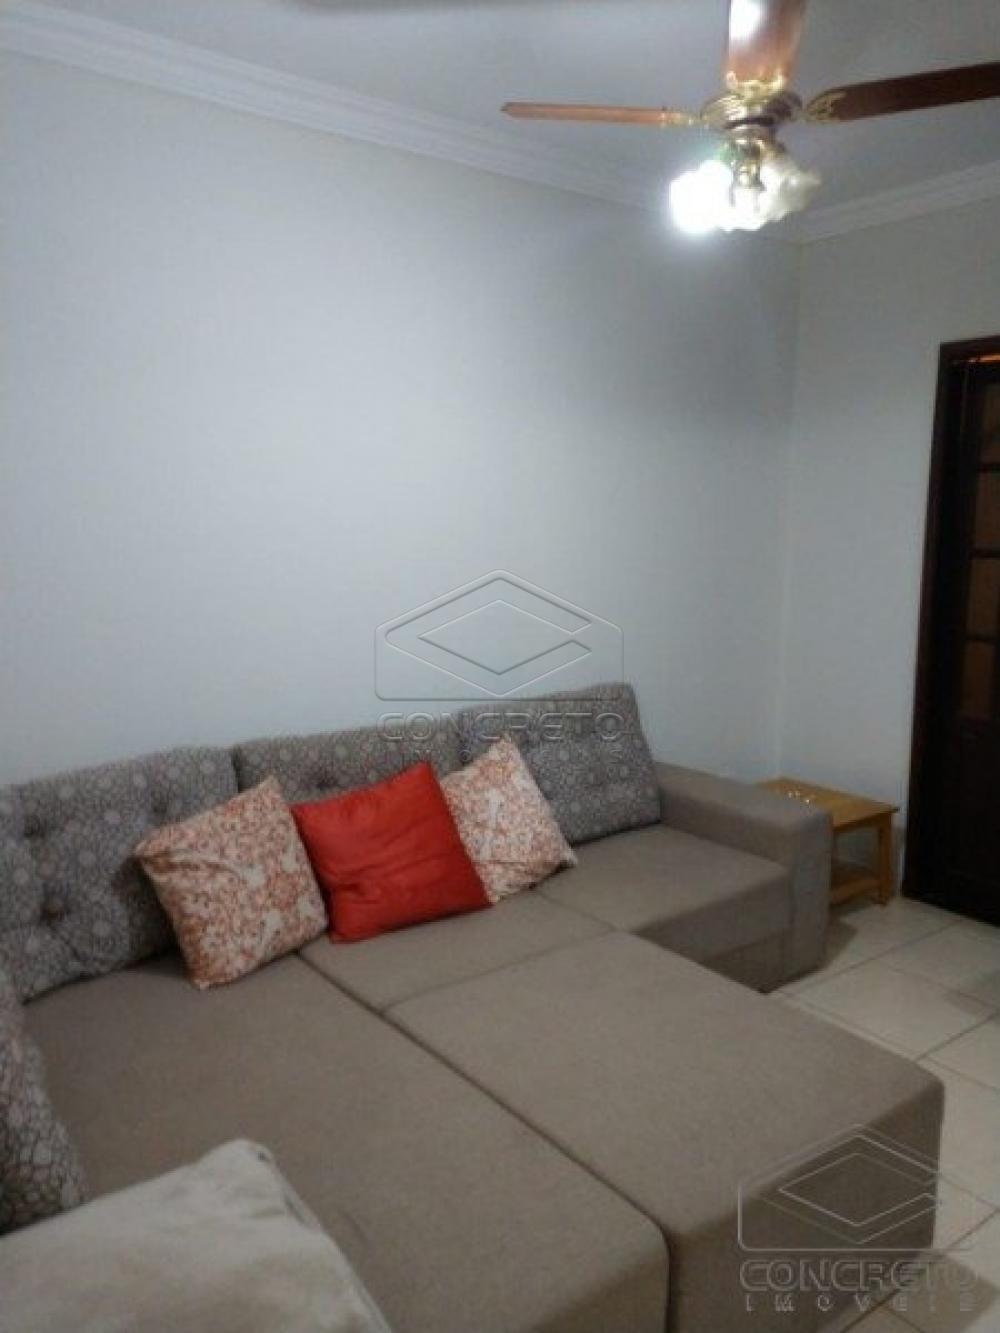 Comprar Casa / Residencia em Jaú apenas R$ 255.000,00 - Foto 4